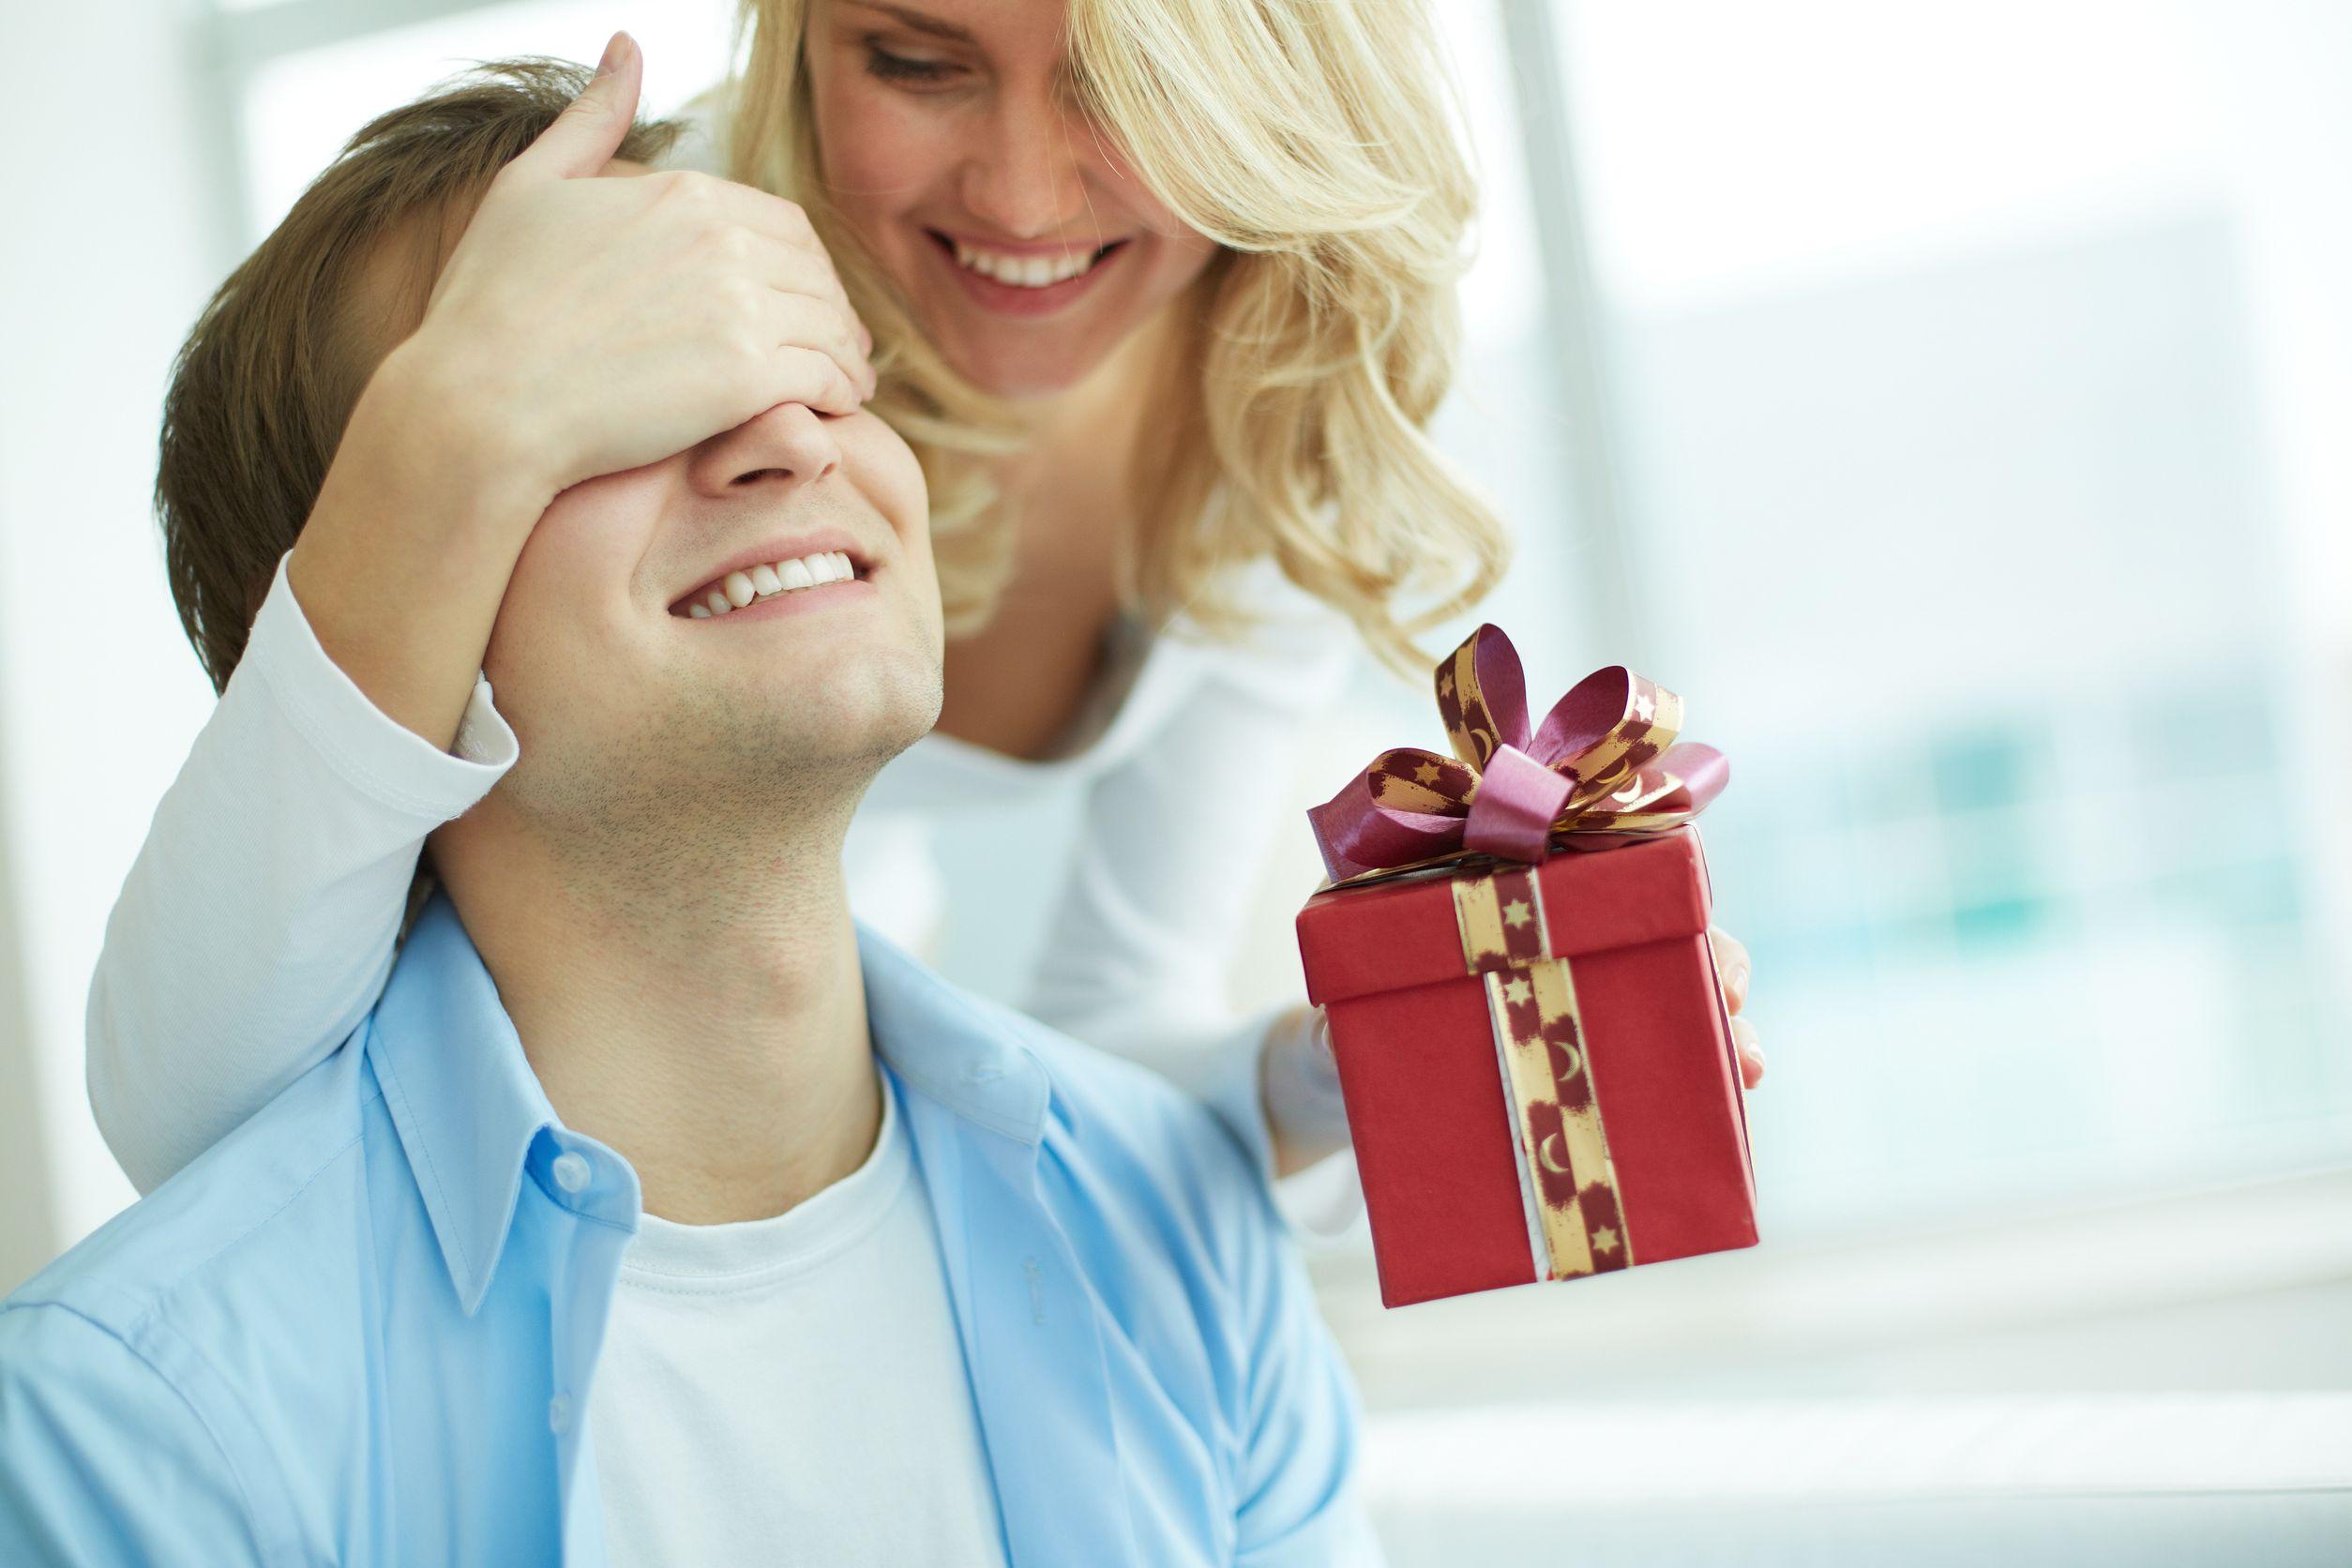 Как сделать так, чтобы мужчина захотел дарить подарки? - Elle 93